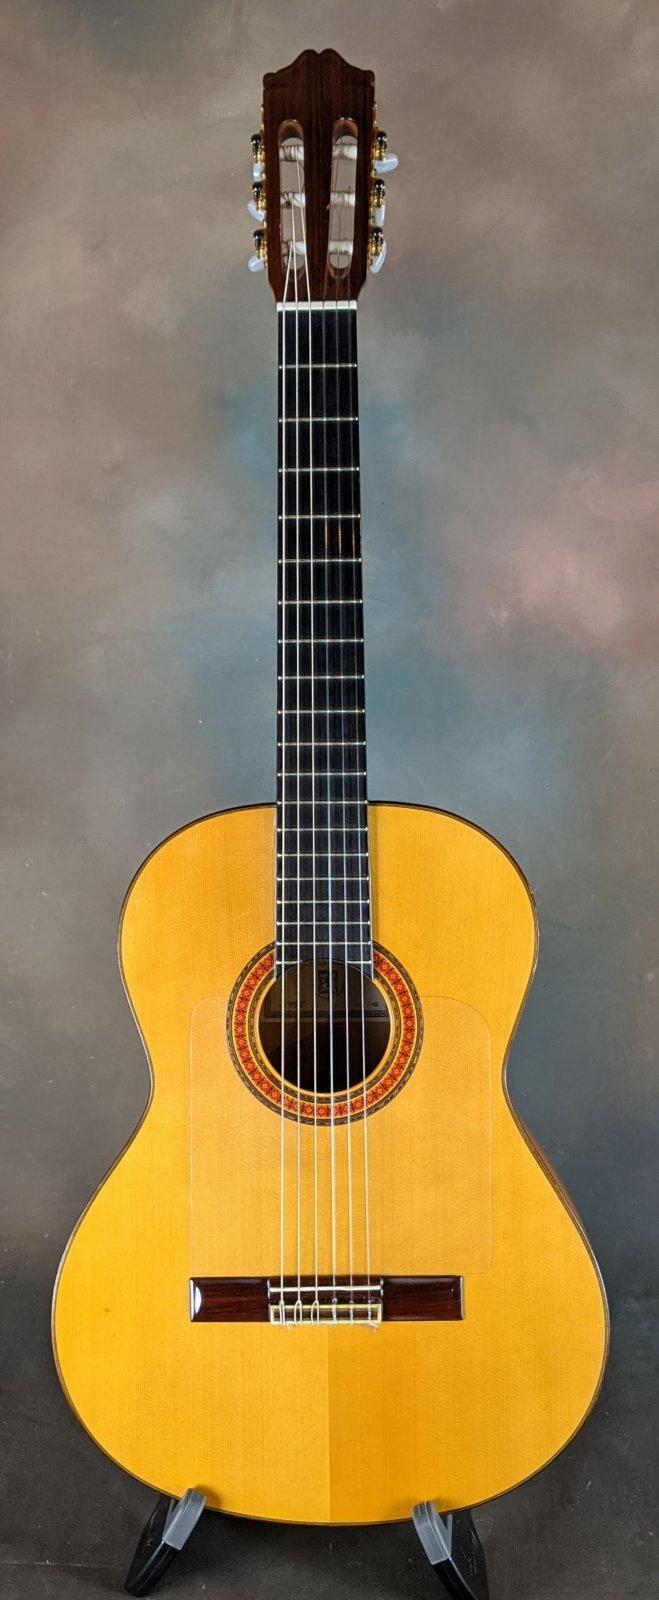 Used Cordoba 75F Flamenco